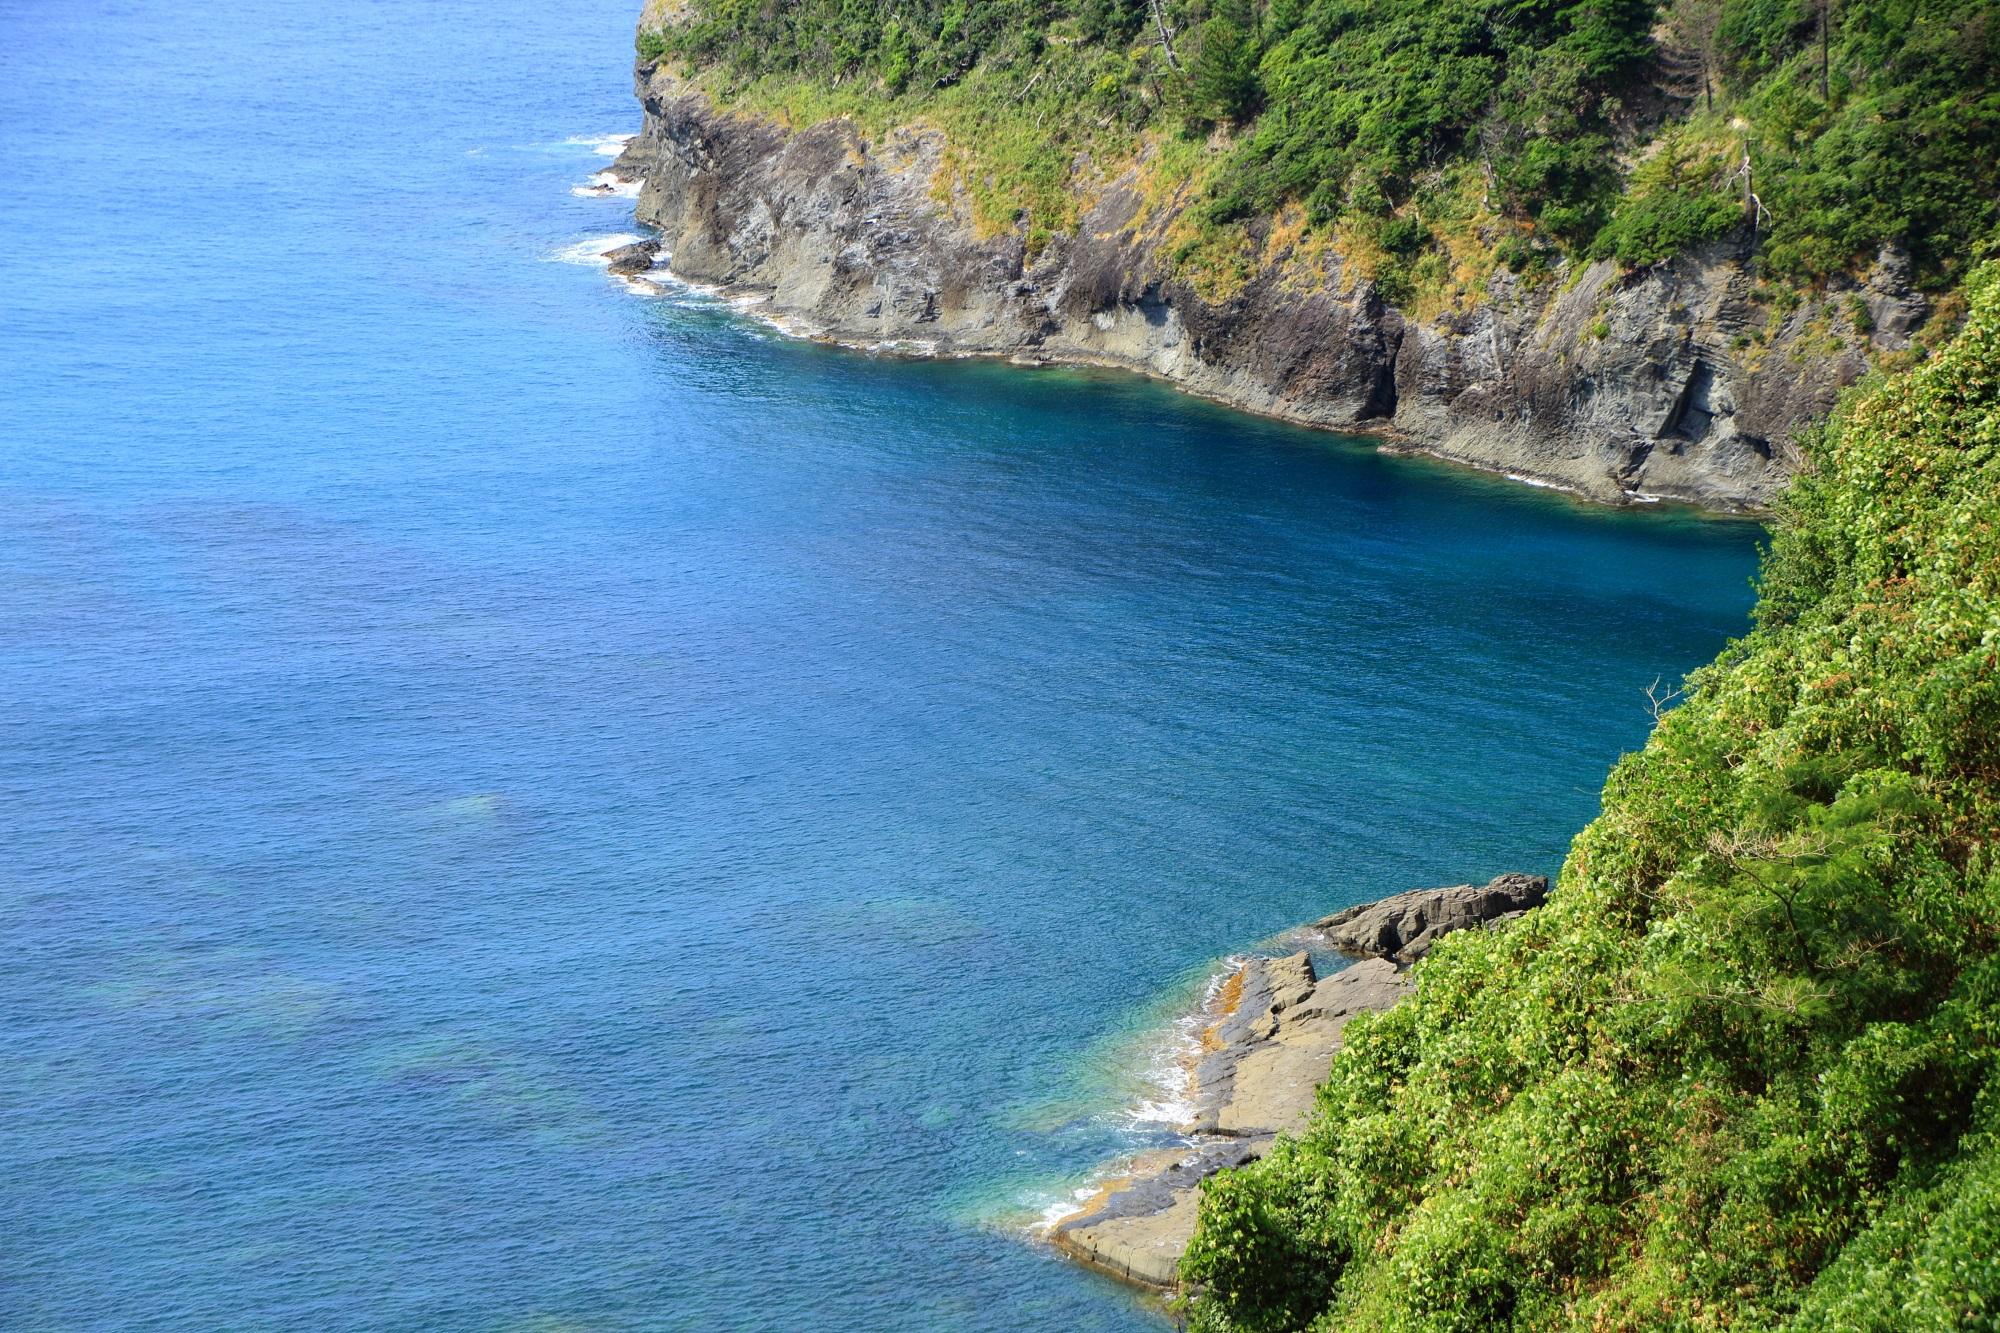 歩かないと取れない犬ヶ岬と日本海の美しい景色